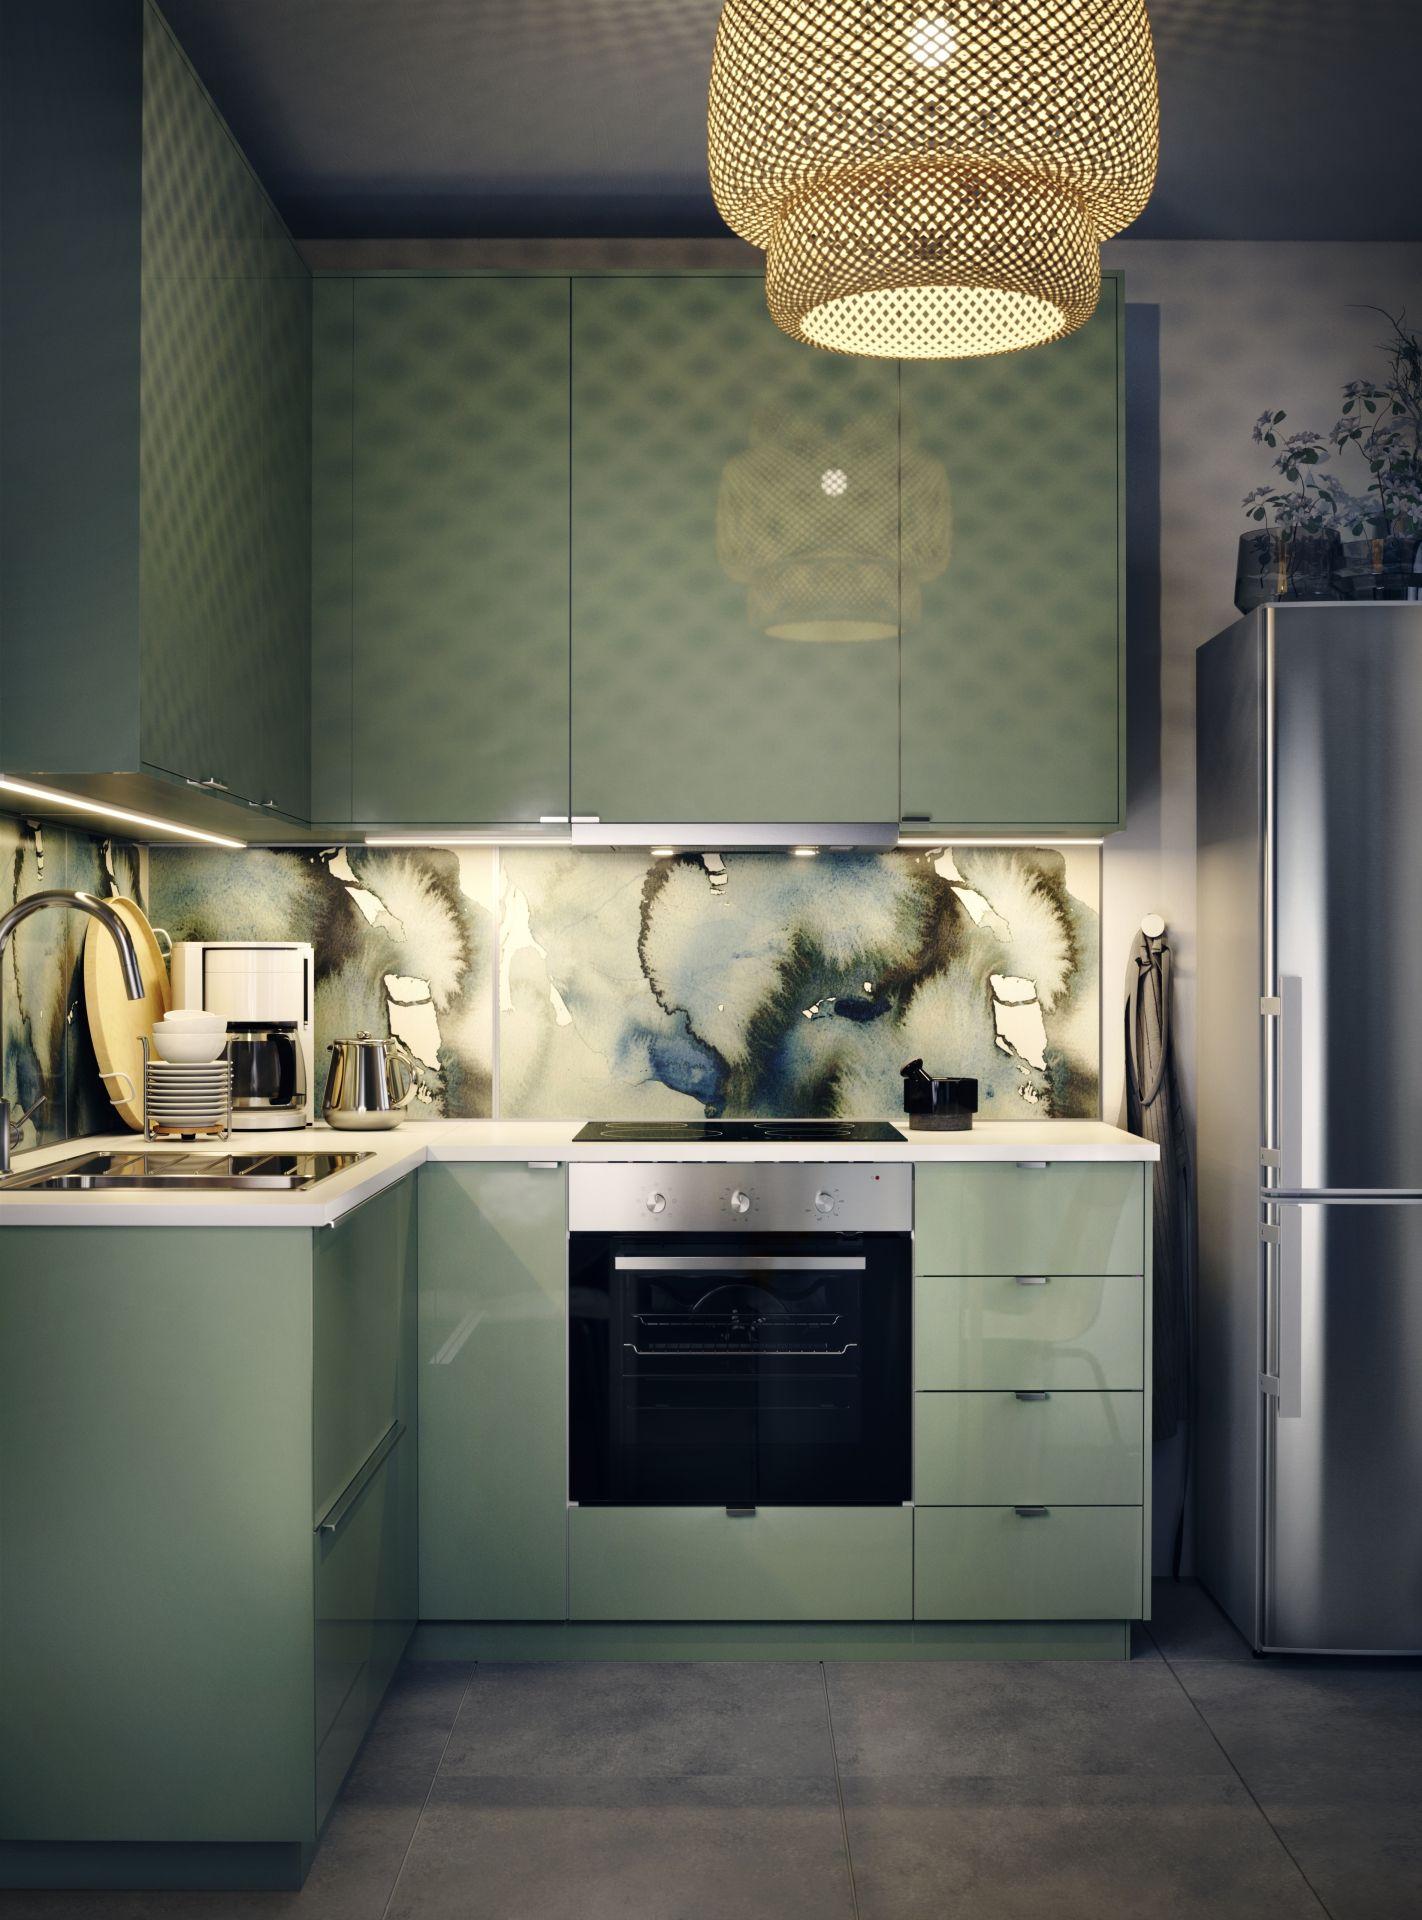 ikea deutschland bring doch ein bisschen farbe in deine. Black Bedroom Furniture Sets. Home Design Ideas